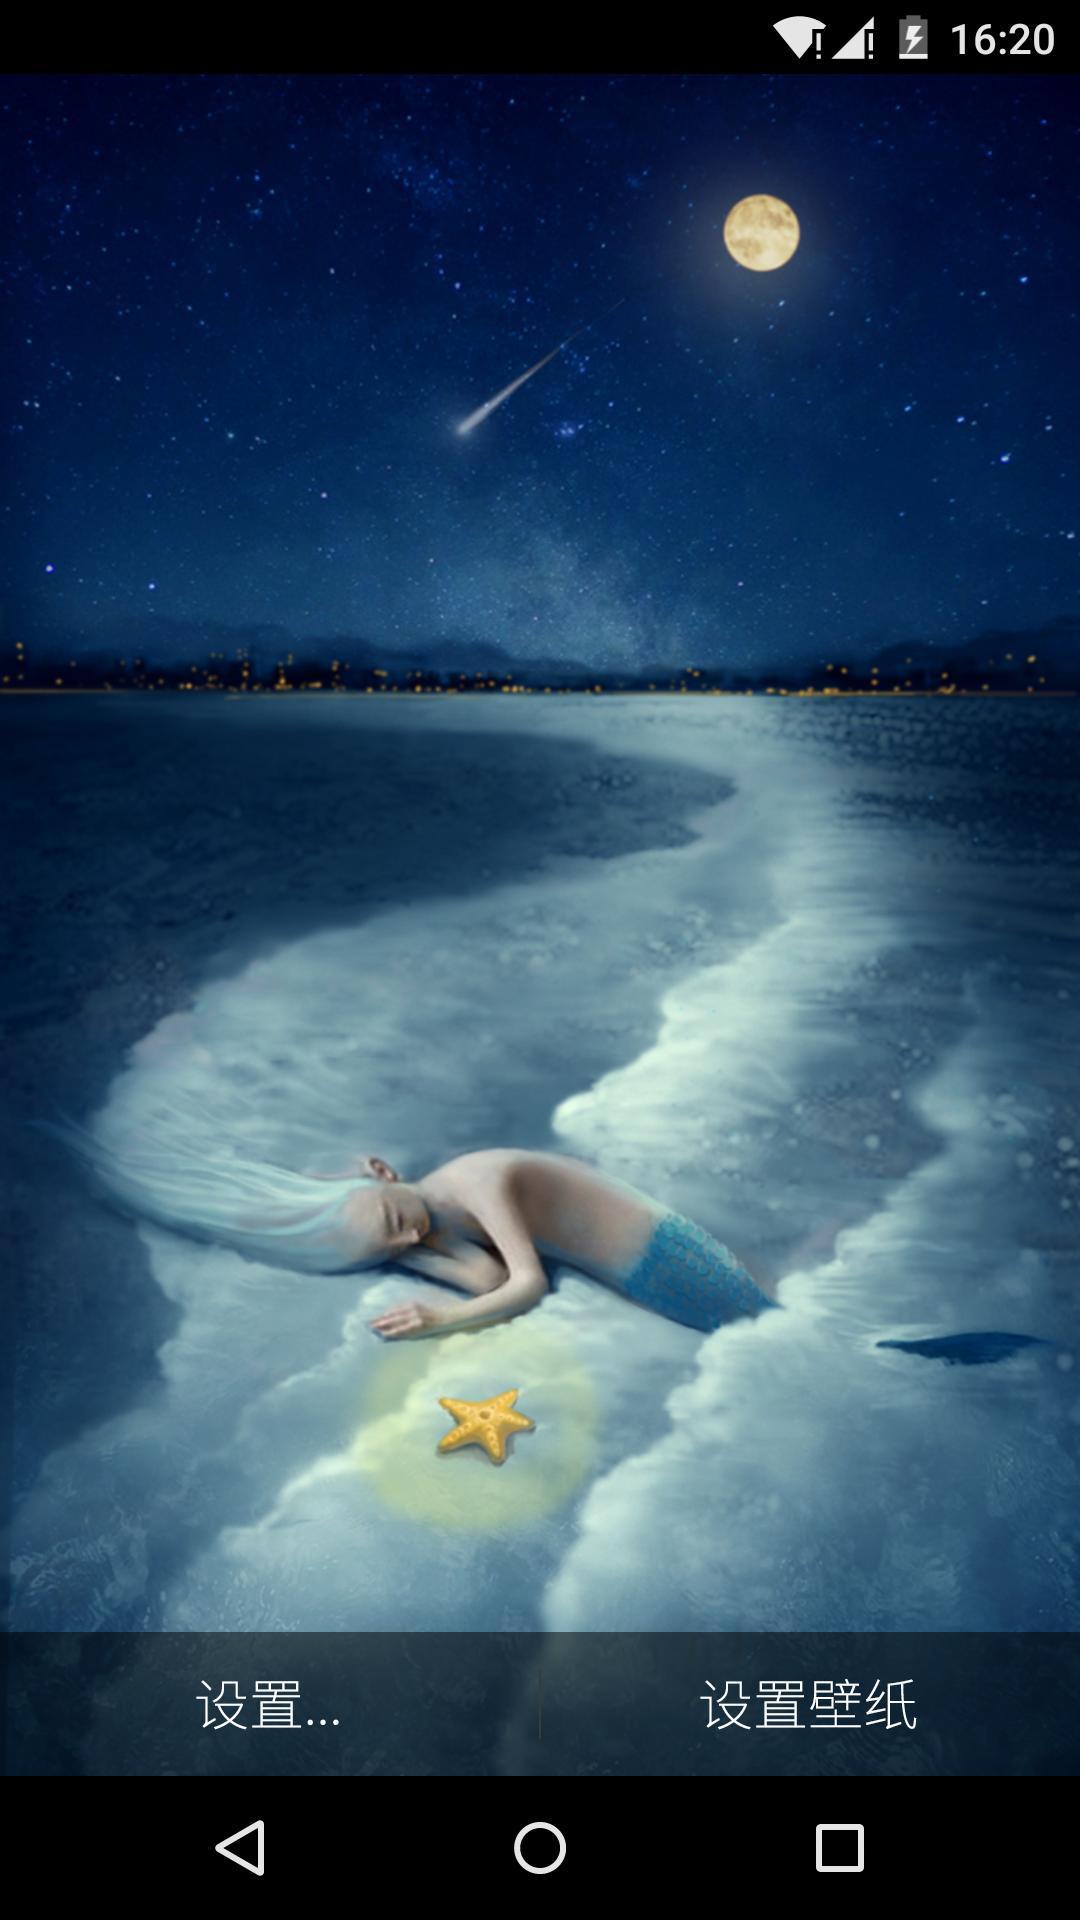 夜色下的美人鱼-梦象动态壁纸